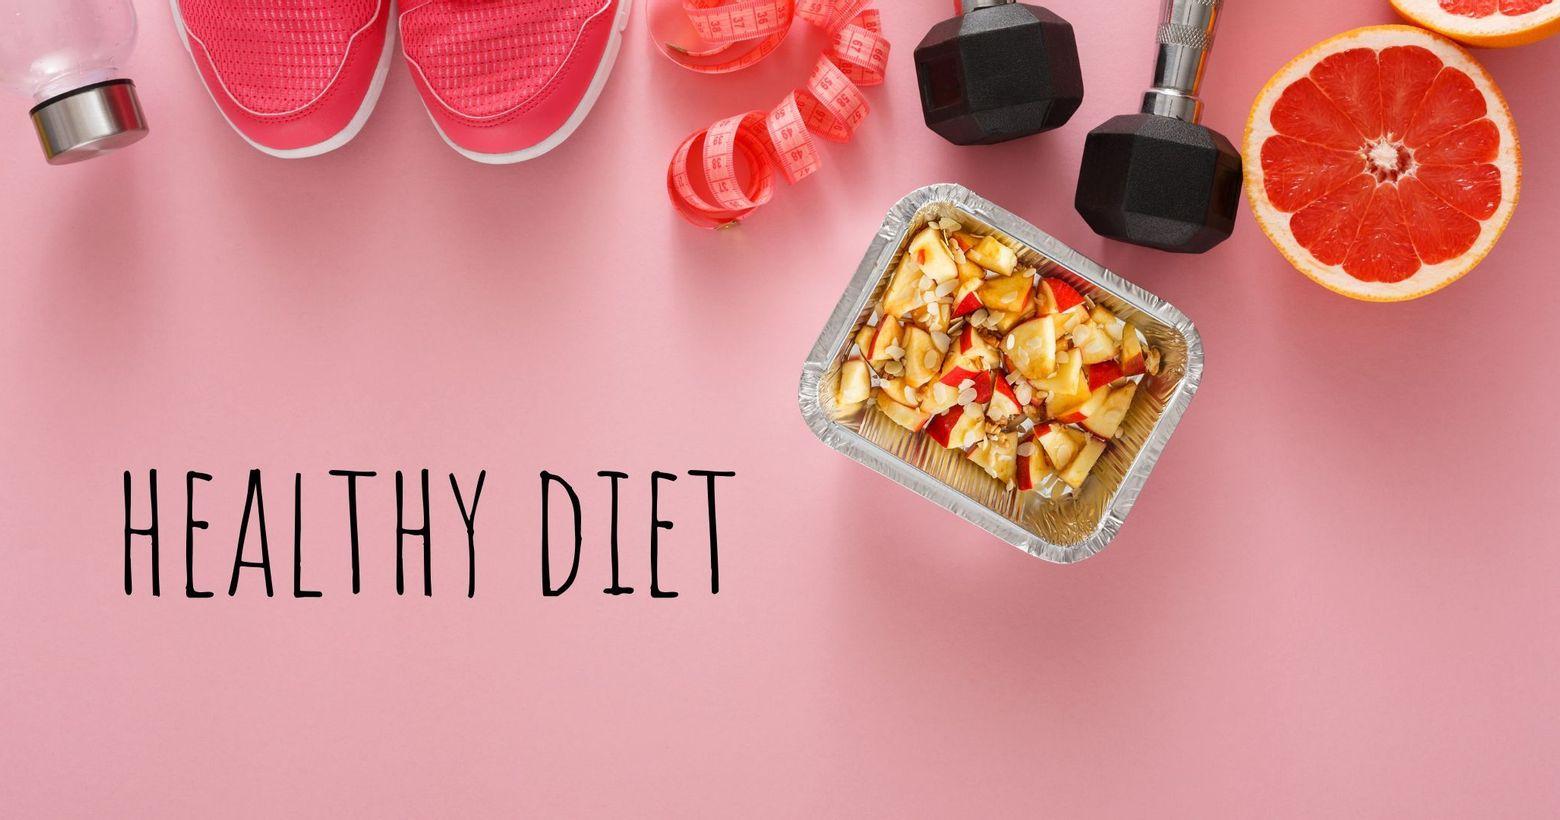 外食族吃飽也能輕鬆瘦! 把握以下觀念瘦身不再只是夢想飲食控制如今是主流,好的飲食身體才會健康,人家說